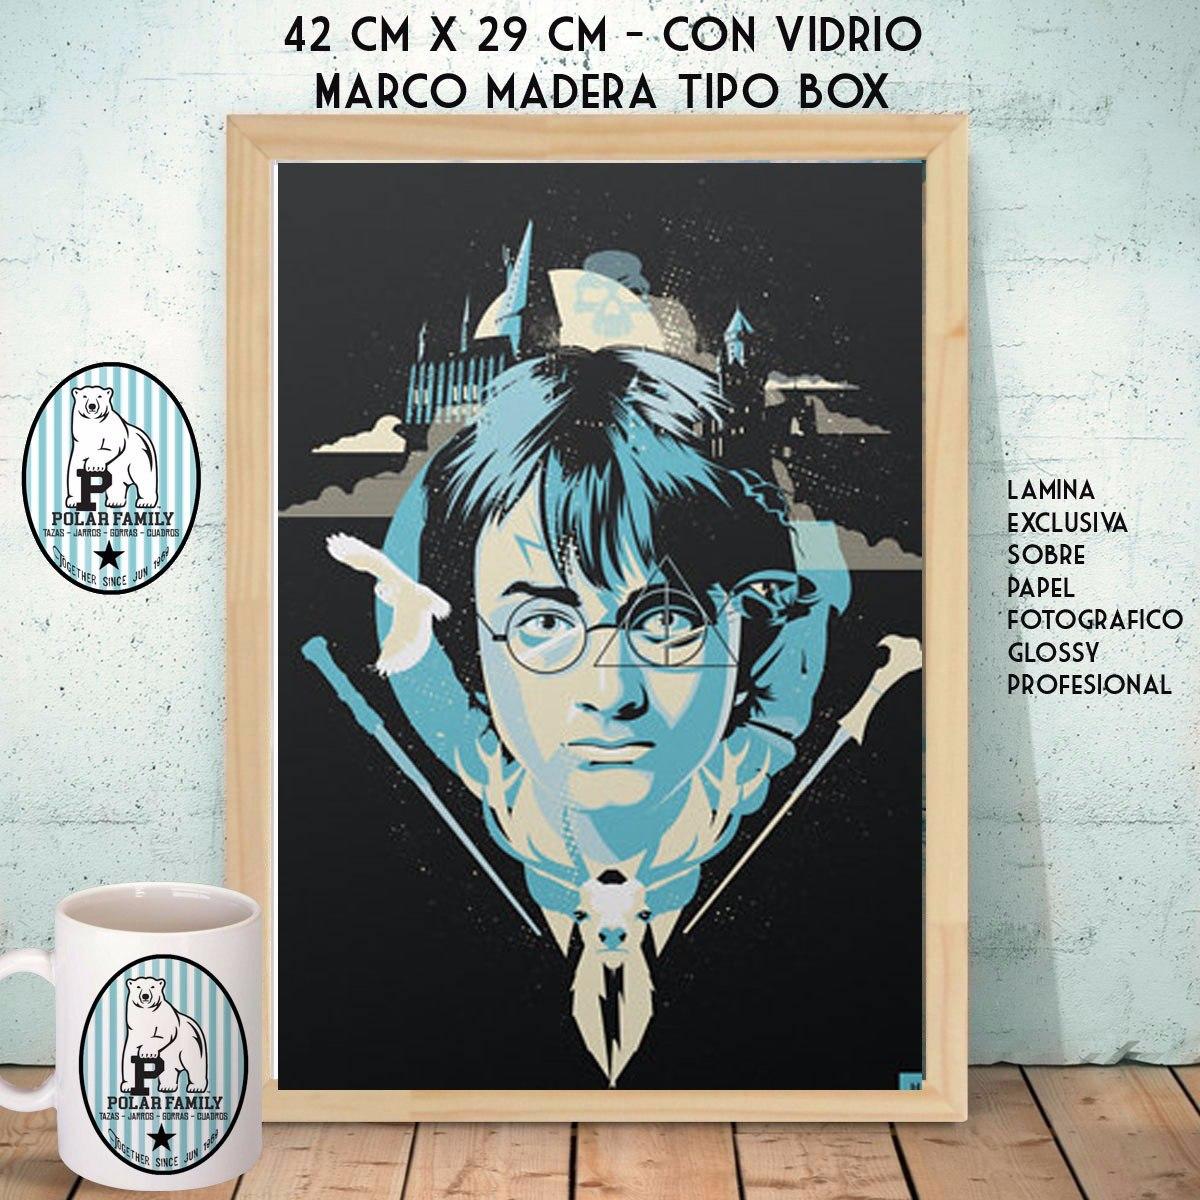 Harry Potter Cine Cuadros A3 Nordico Marco Box - $ 550,00 en Mercado ...